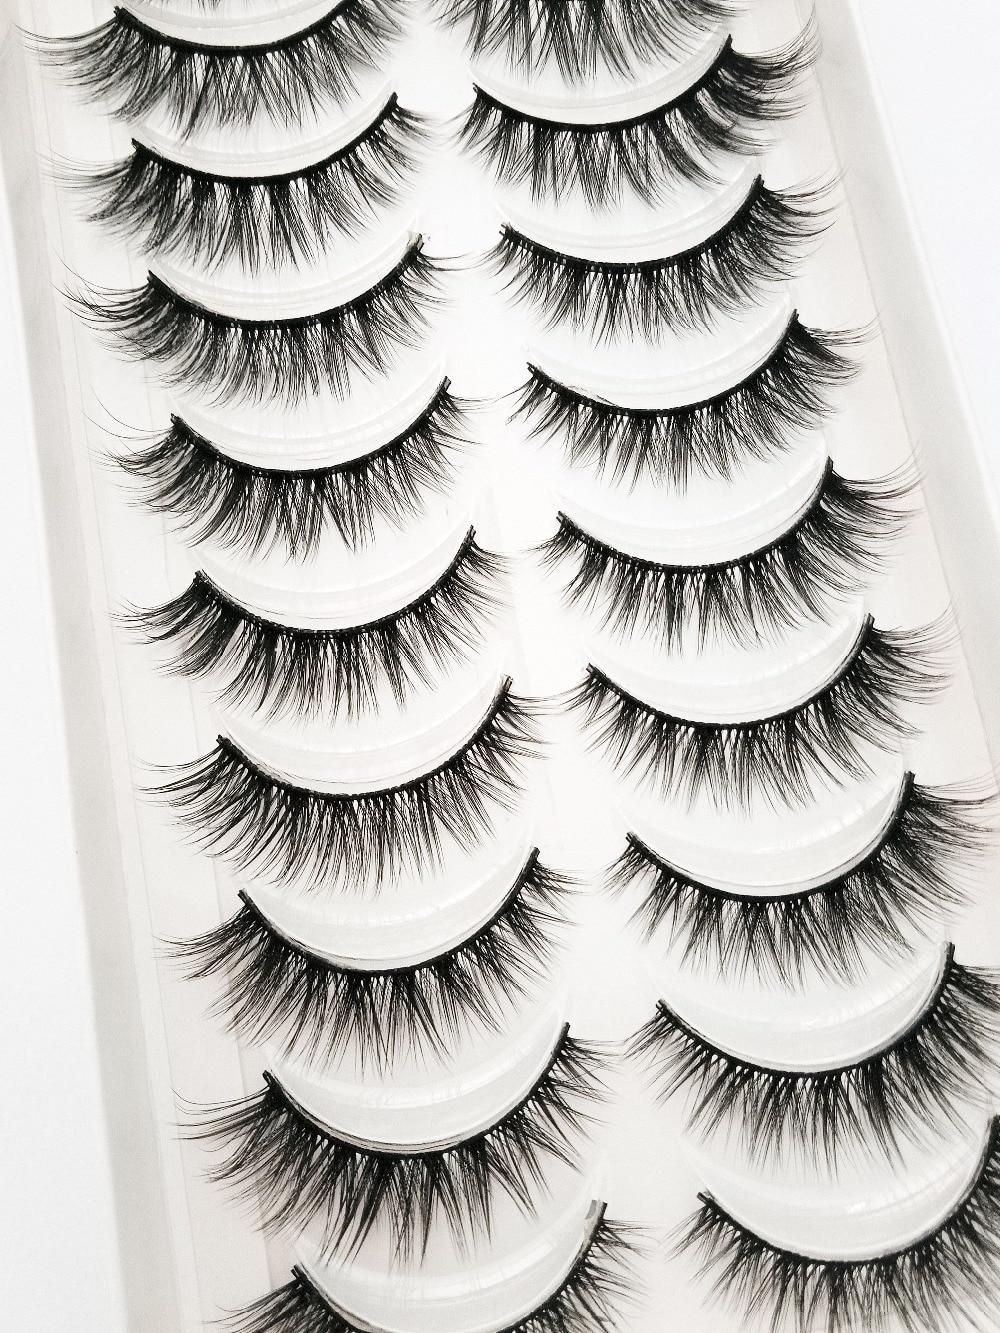 NEW 2/5/10 Pairs Natural False Eyelashes Fake Lashes Long Makeup 3d Mink Lashes Extension Eyelash Mink Eyelashes for Beauty 54